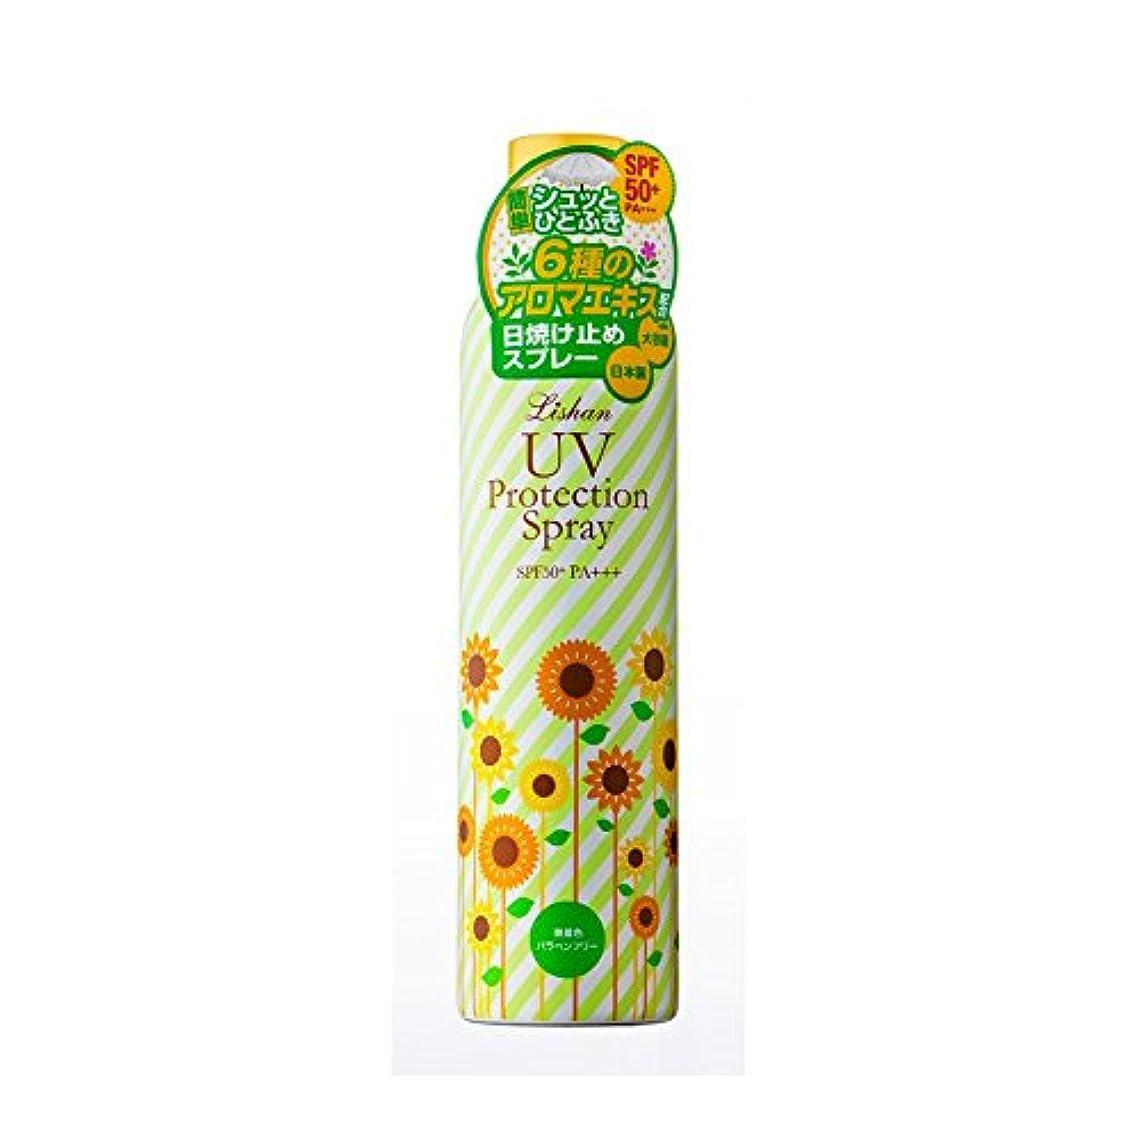 踏みつけ租界カプセルリシャン 大容量UVスプレー アロマミックスの香り (230g)